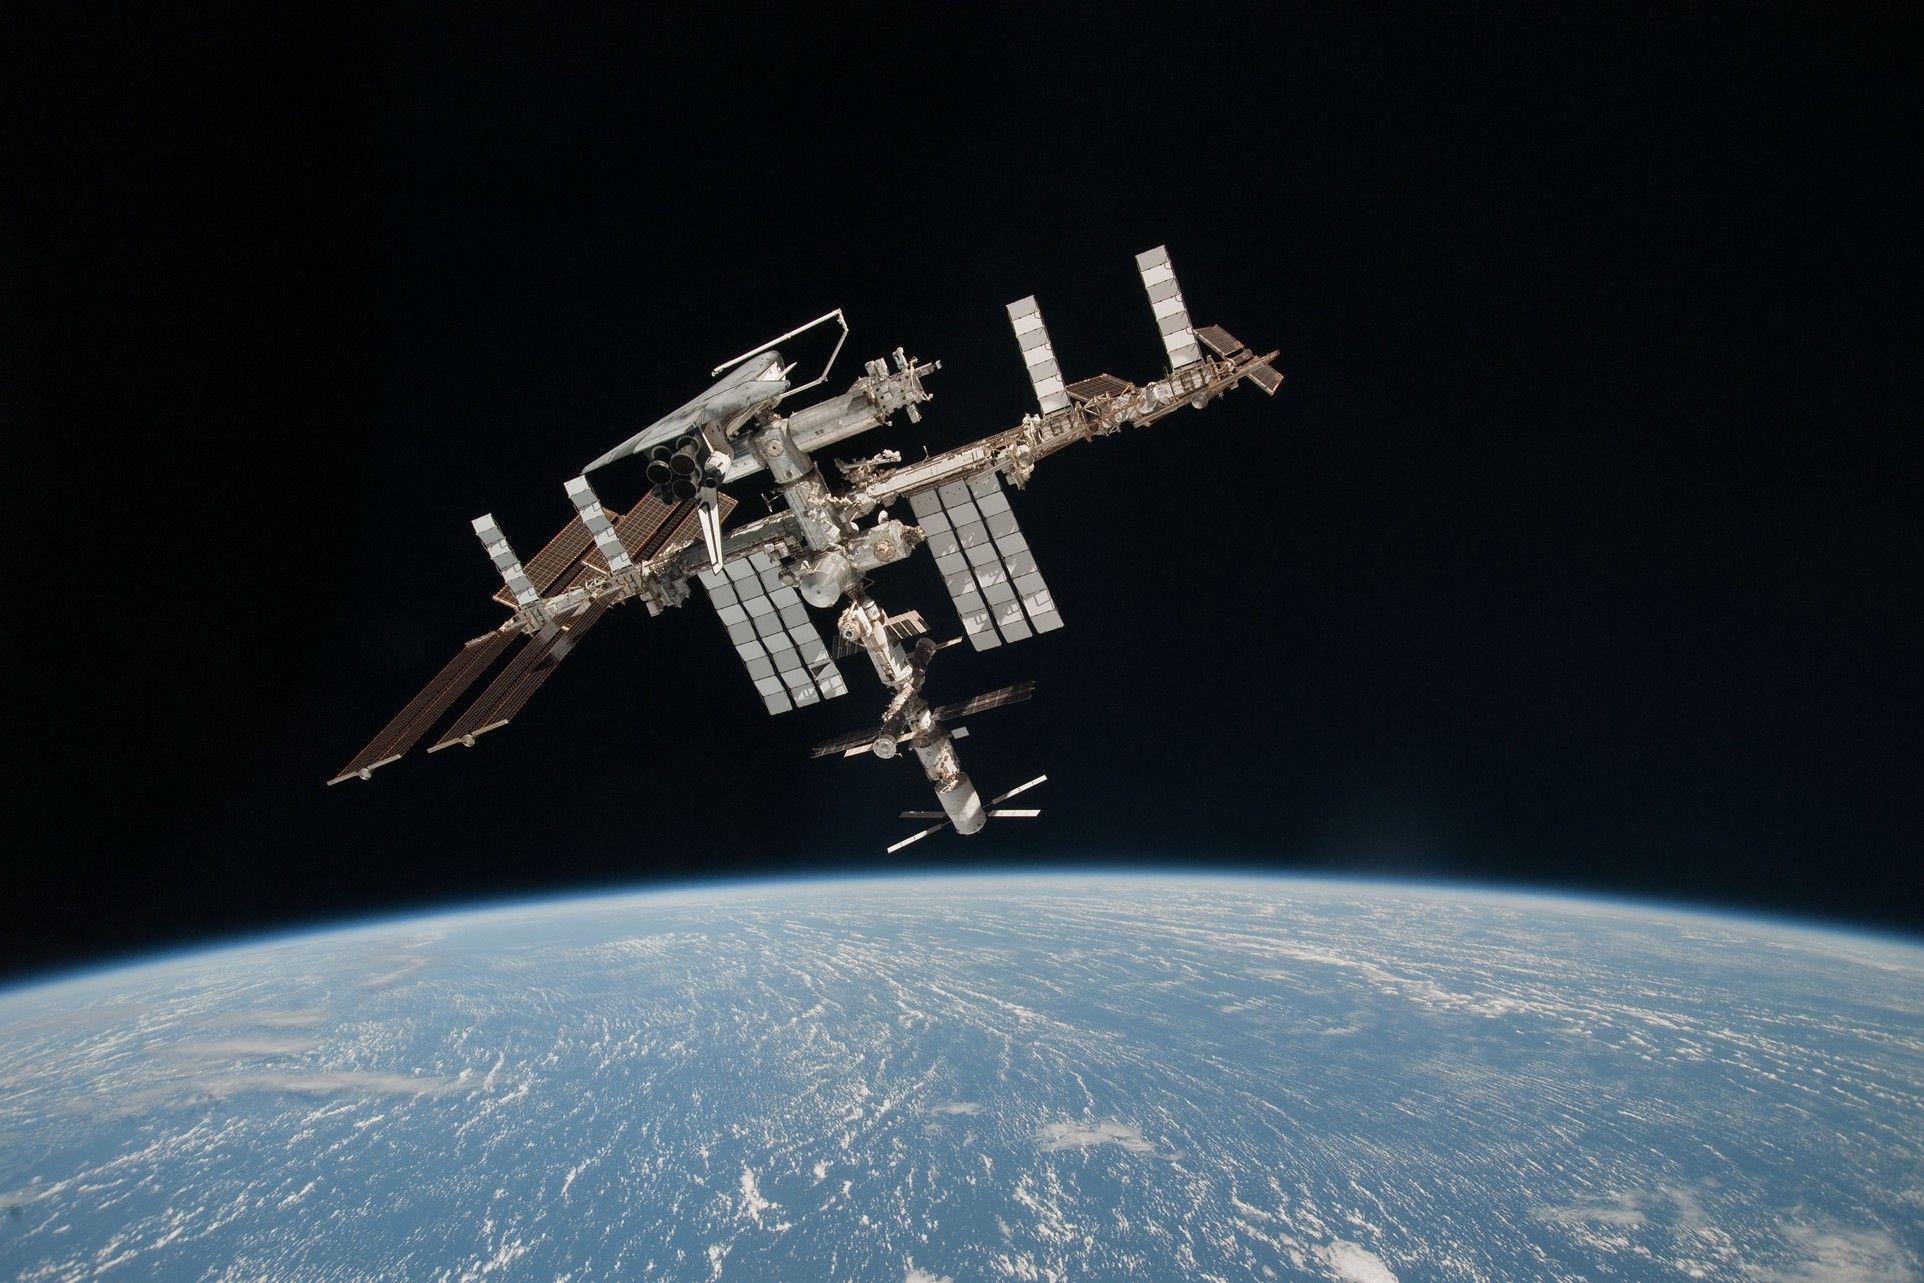 La station spatiale internationale découvre du plancton marin dans l'espace